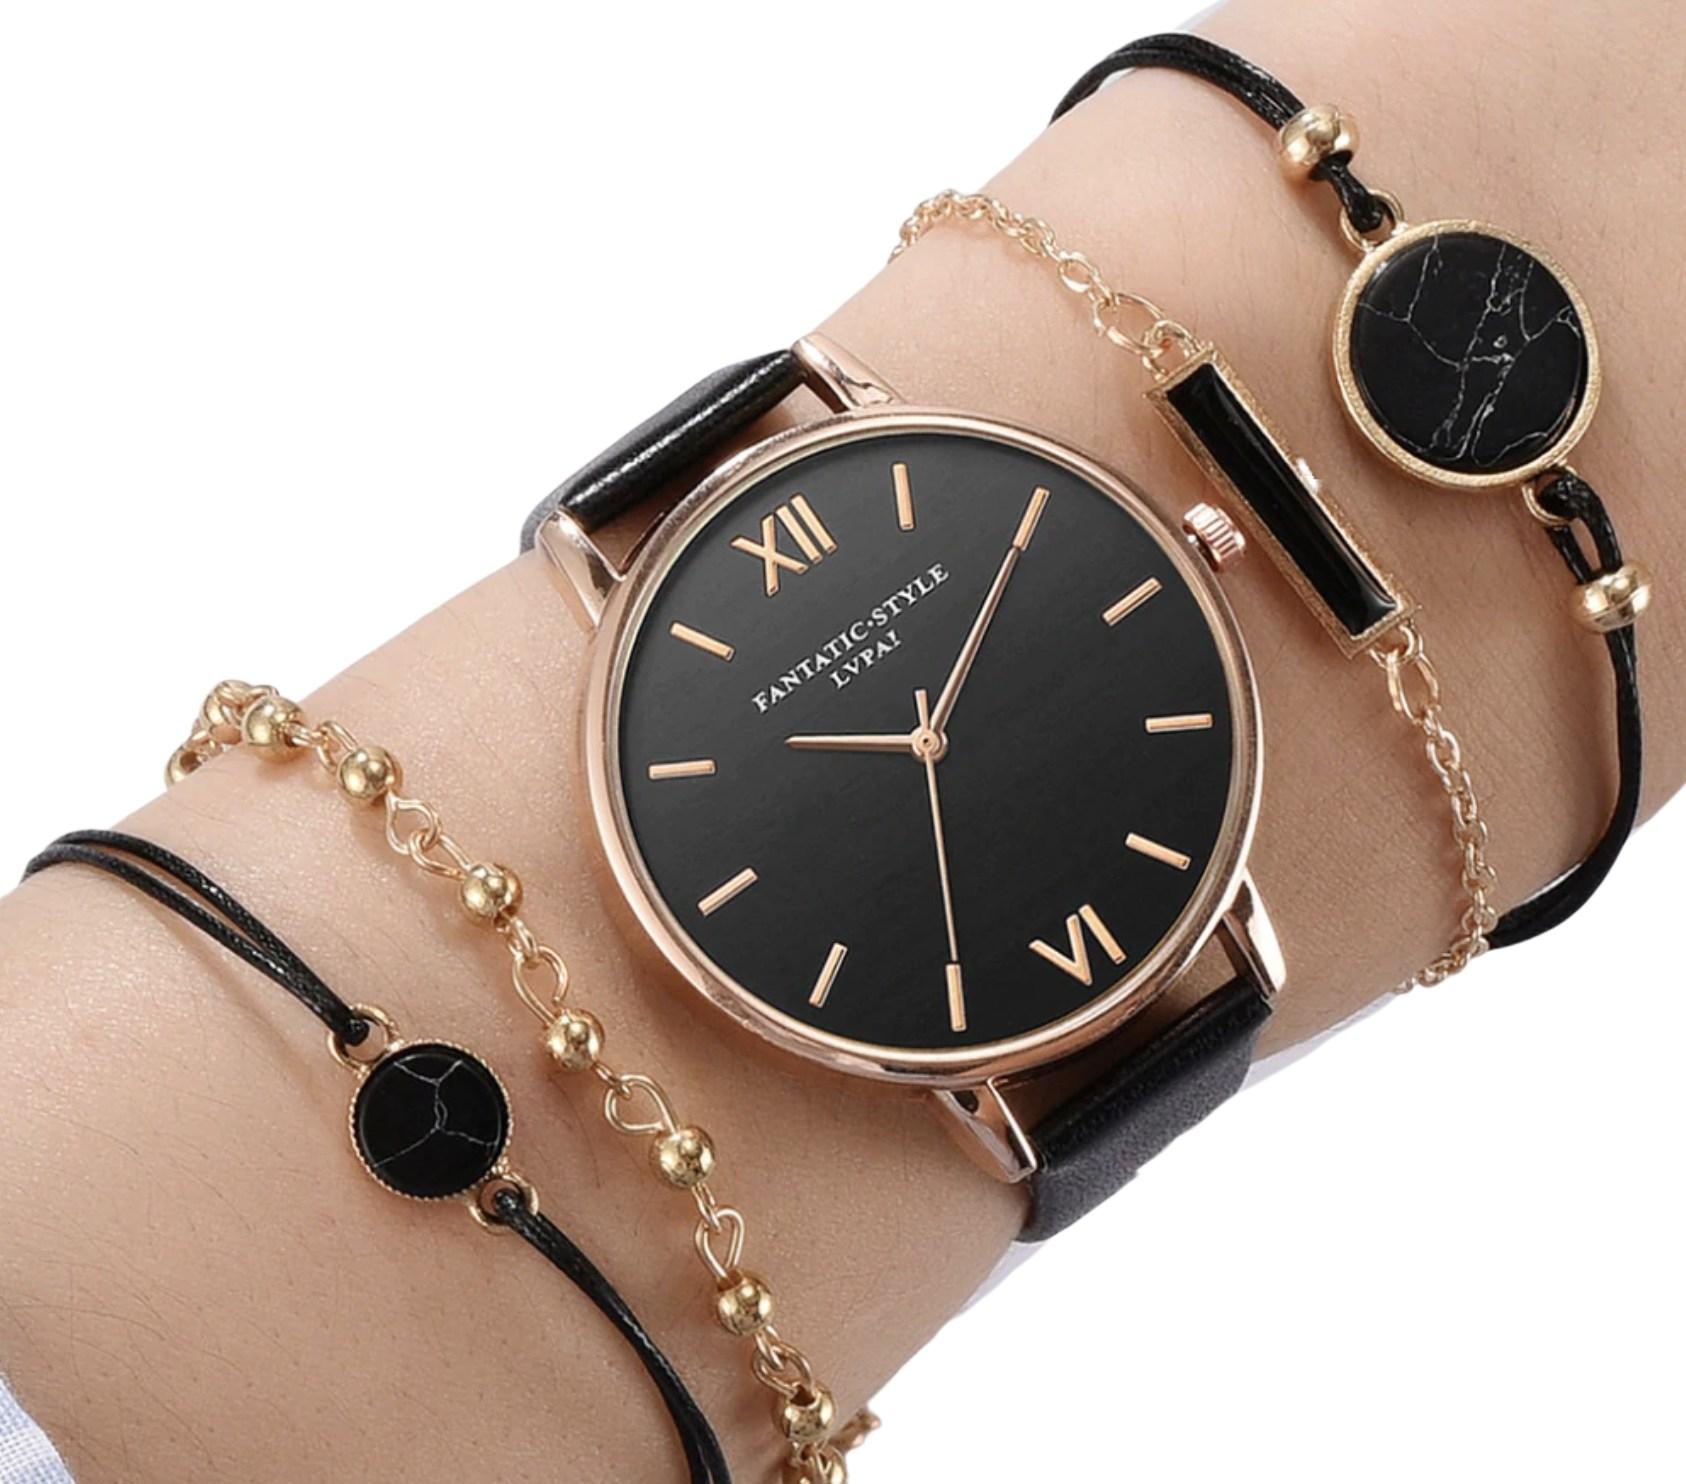 Kit Relógio Feminino Rose Gold com Pulseira Couro + 4 Pulseiras Fashion e Caixa de Presente - França